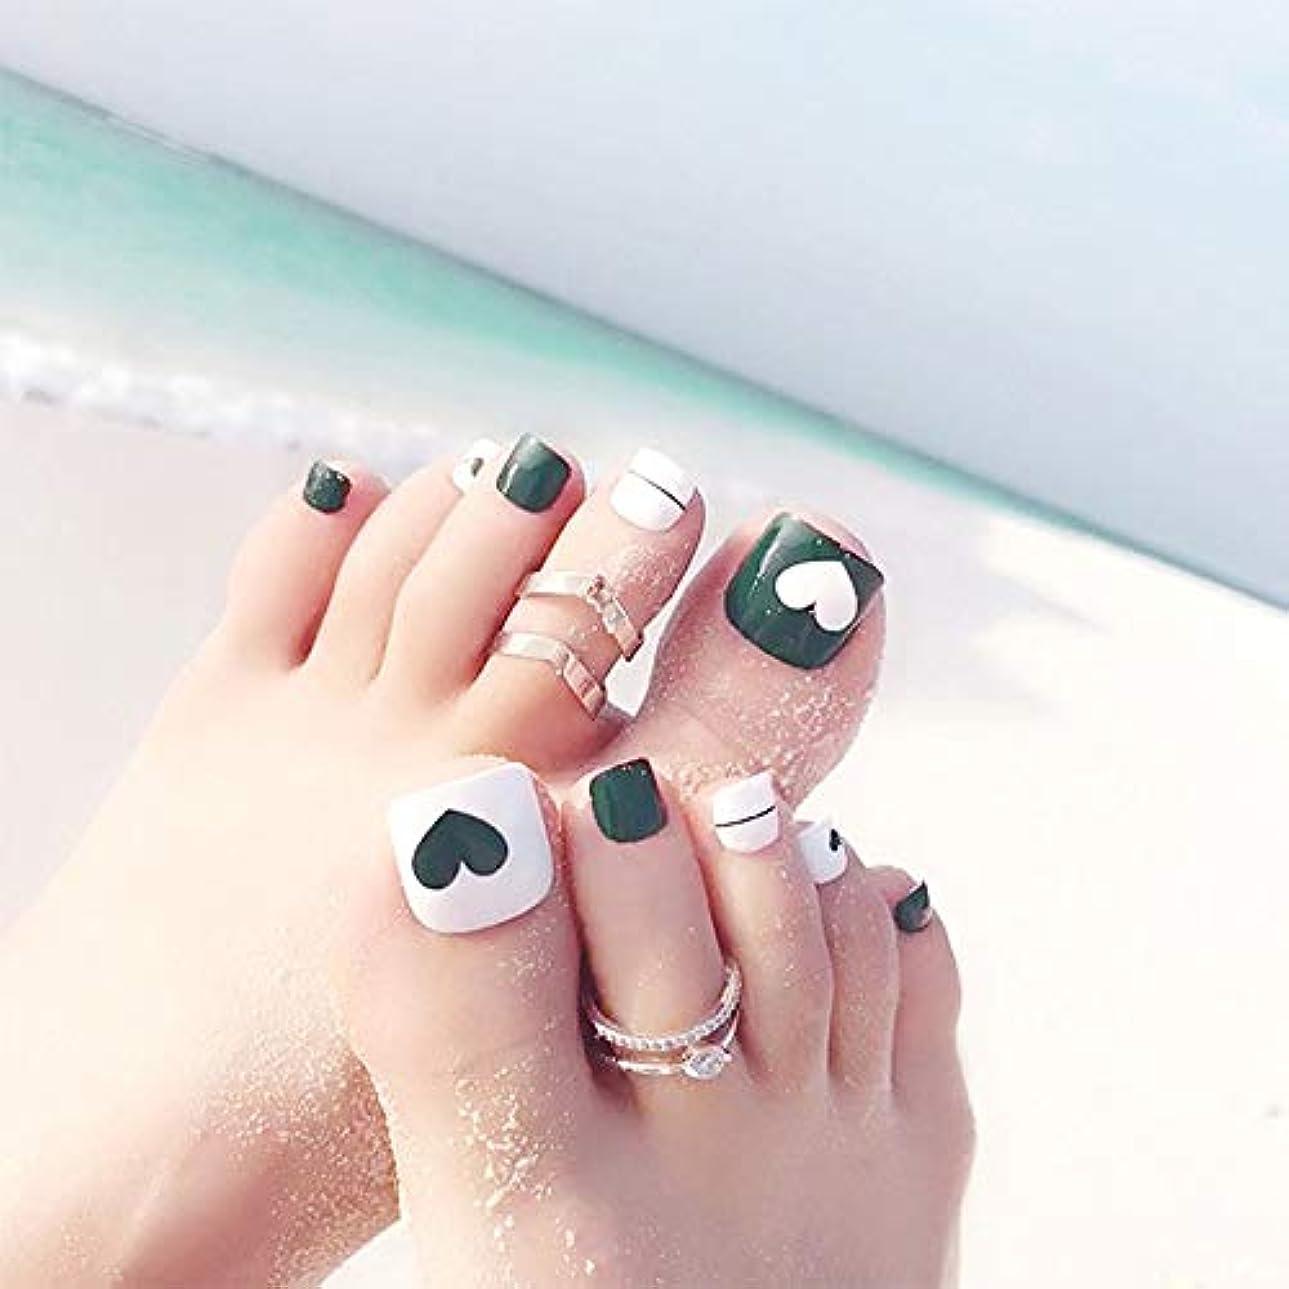 りんごセレナ柔らかいXUTXZKA 緑色のネイルアートのヒントホリデービーチフットフェイクネイルハート型のパターントレンディなつま先の爪